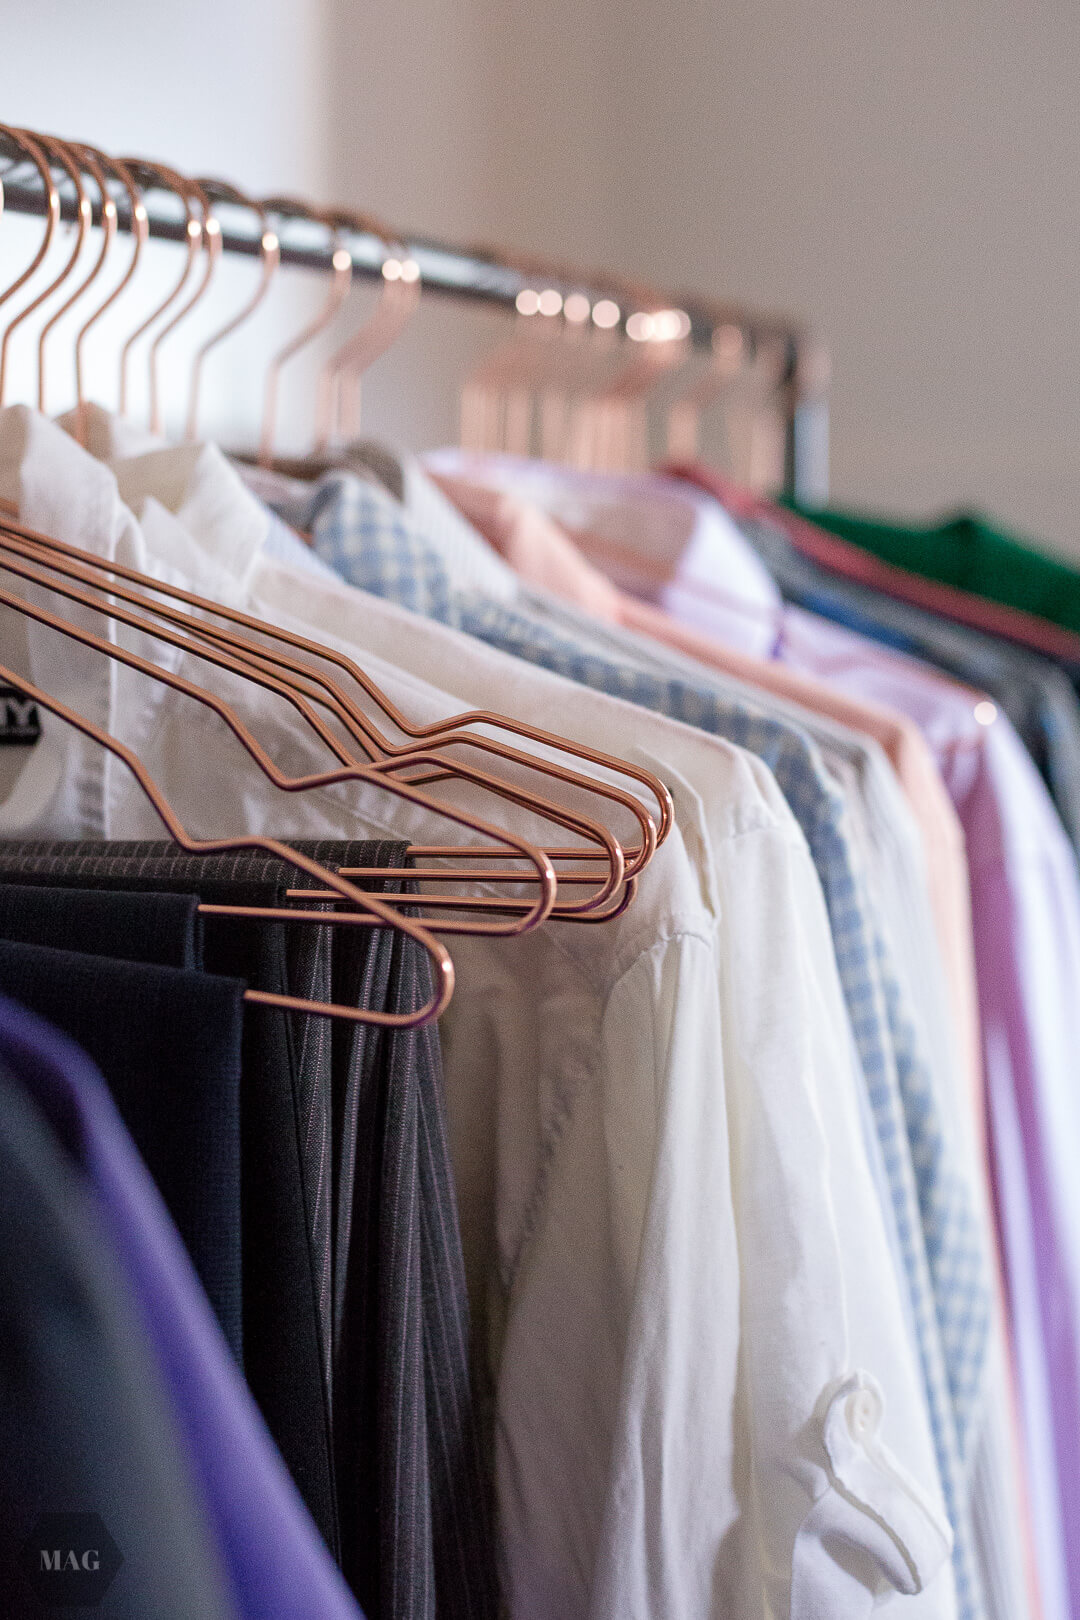 nachhaltig kleidung aussortieren capsule wardrobe update. Black Bedroom Furniture Sets. Home Design Ideas